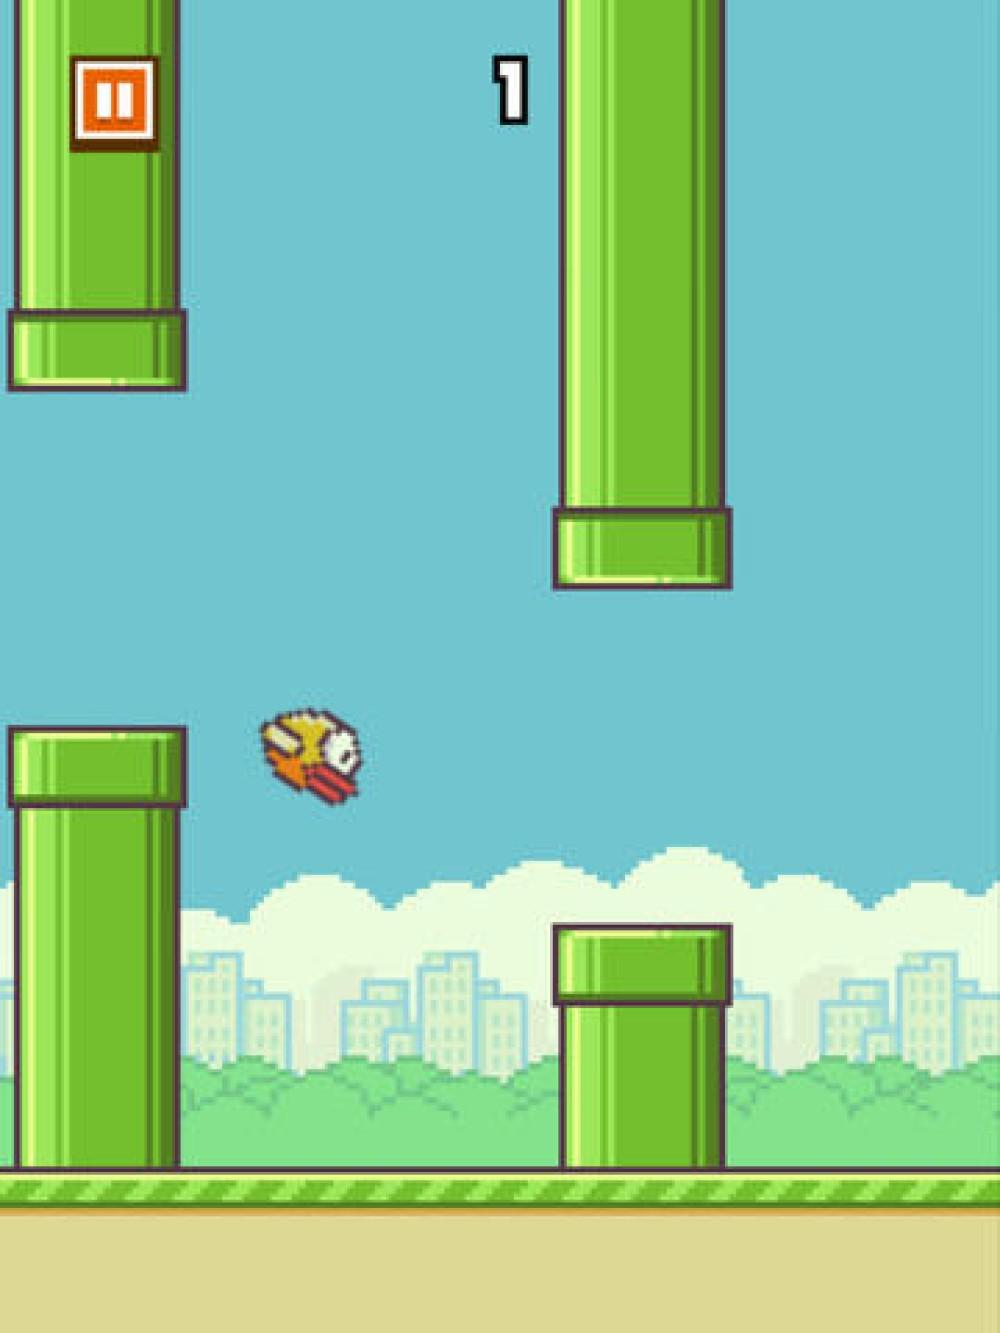 Τι συμβαίνει στο τέλος του Flappy Bird (επίπεδο 999); [Video]